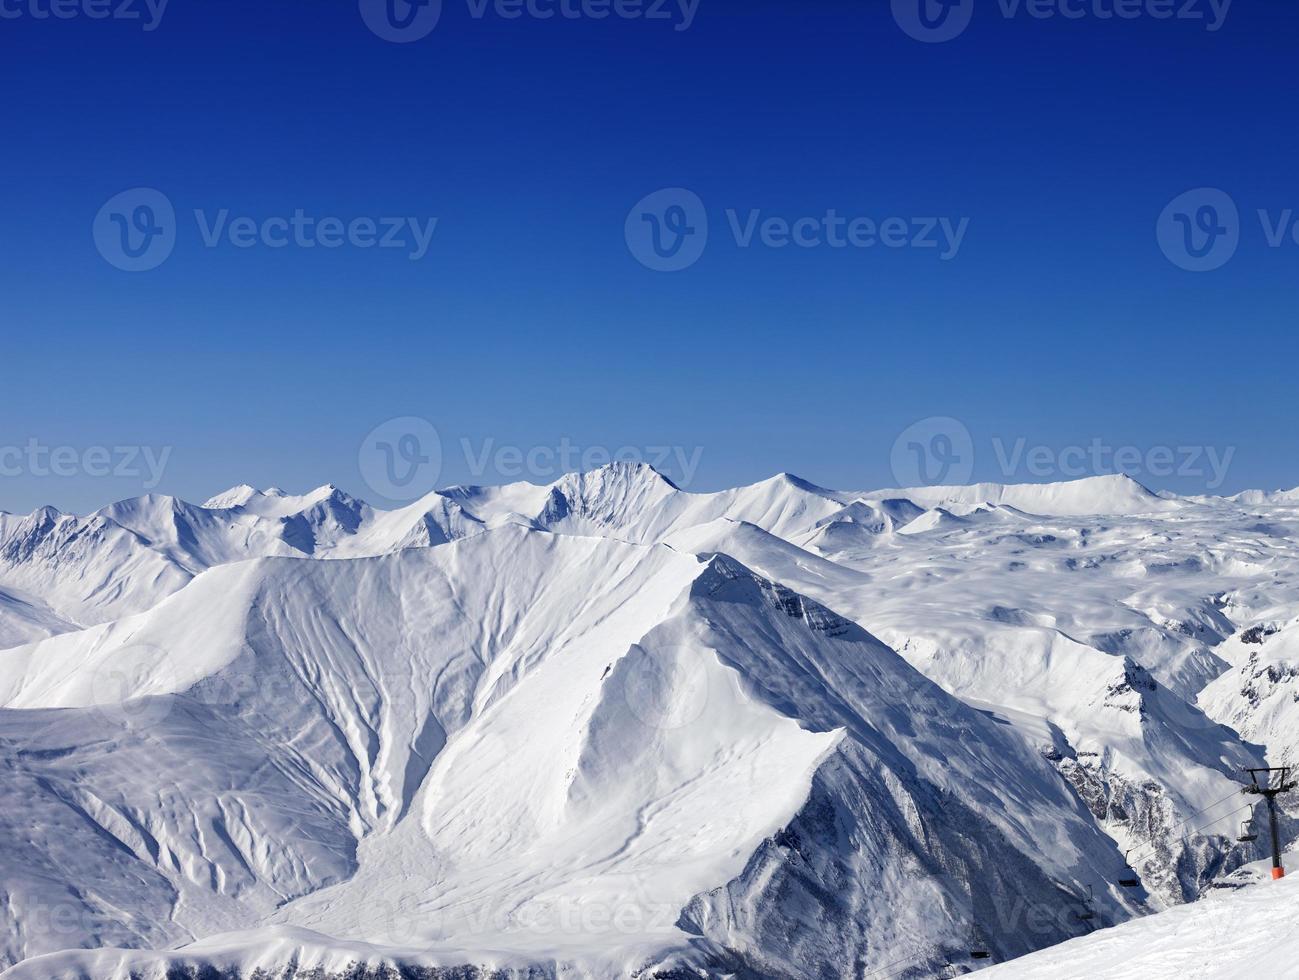 montagne di inverno e cielo blu chiaro alla bella giornata foto